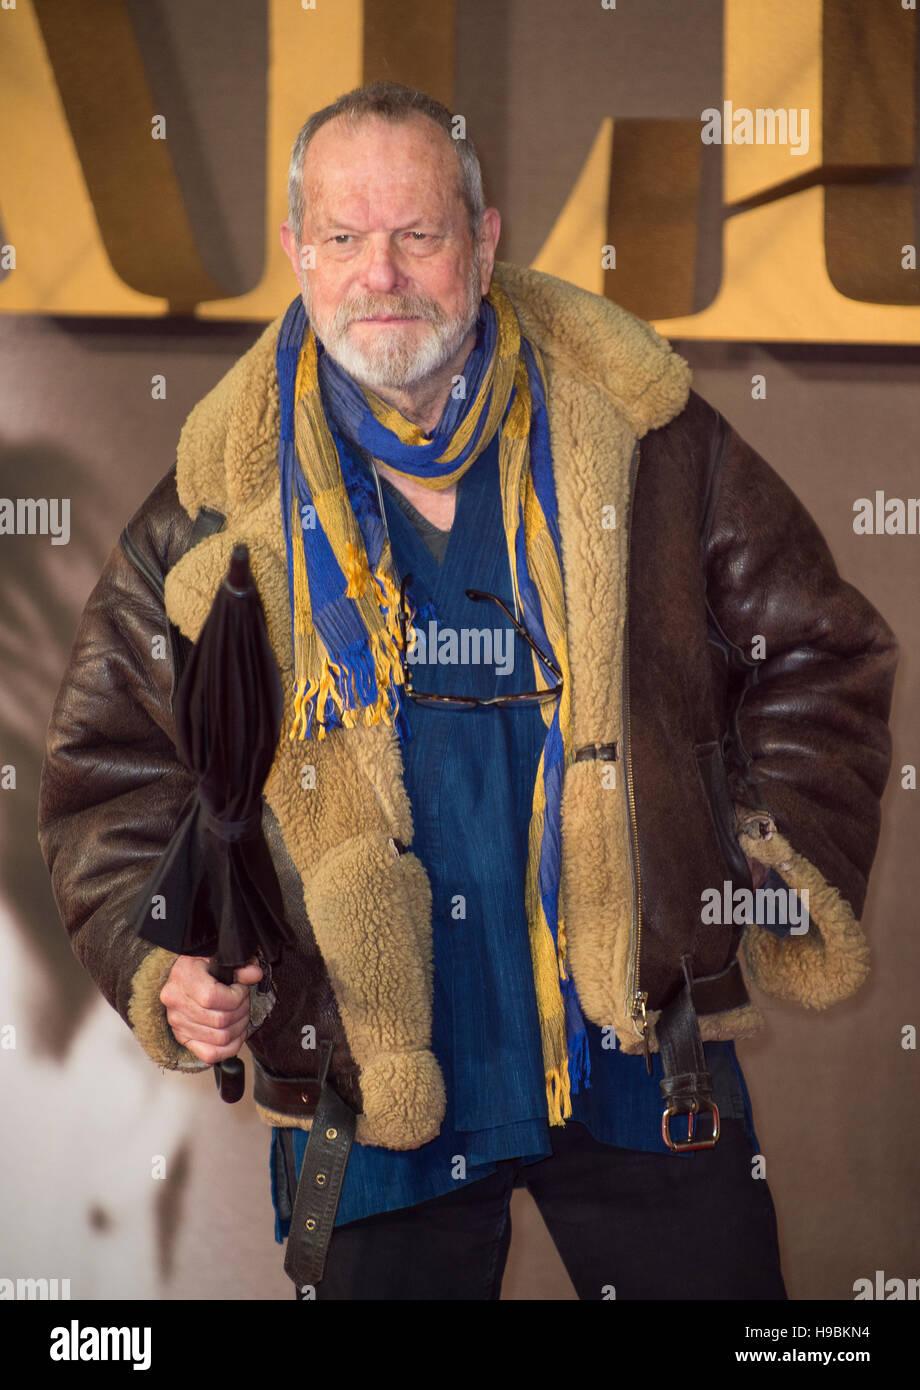 Londres, Royaume-Uni. 21 Nov, 2016. Terry Gilliam assiste à la première UK de' à l'Odeon Leicester Square le 21 novembre 2016 à Londres, en Angleterre. Crédit: Gary Mitchell/Alamy Live News Banque D'Images